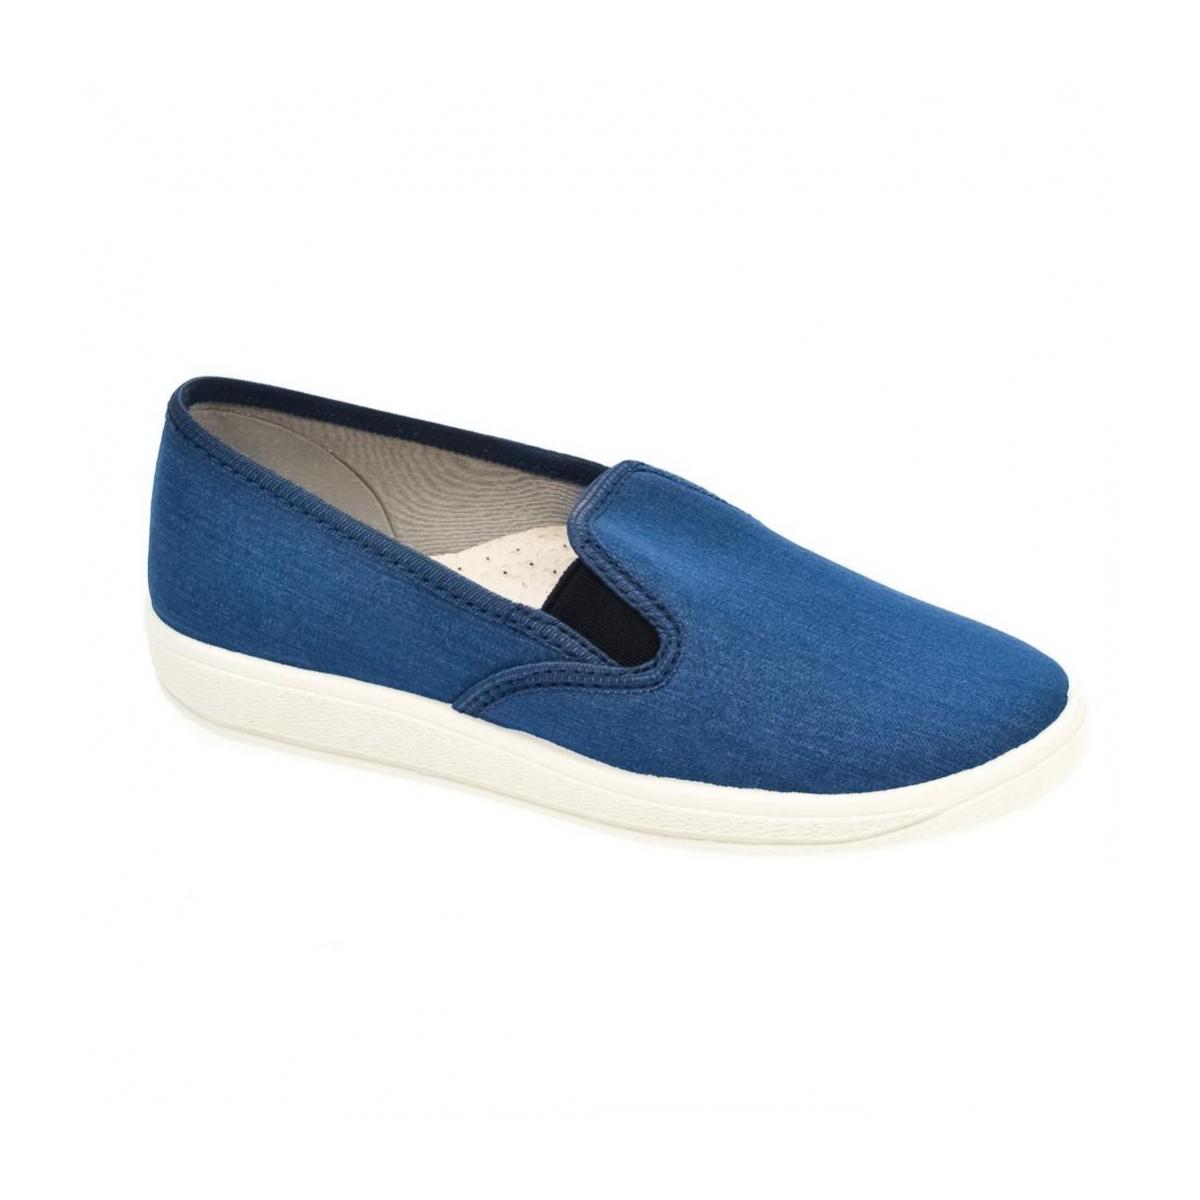 c1321172c043b Detské modré topánky ANDY | Johnc.sk